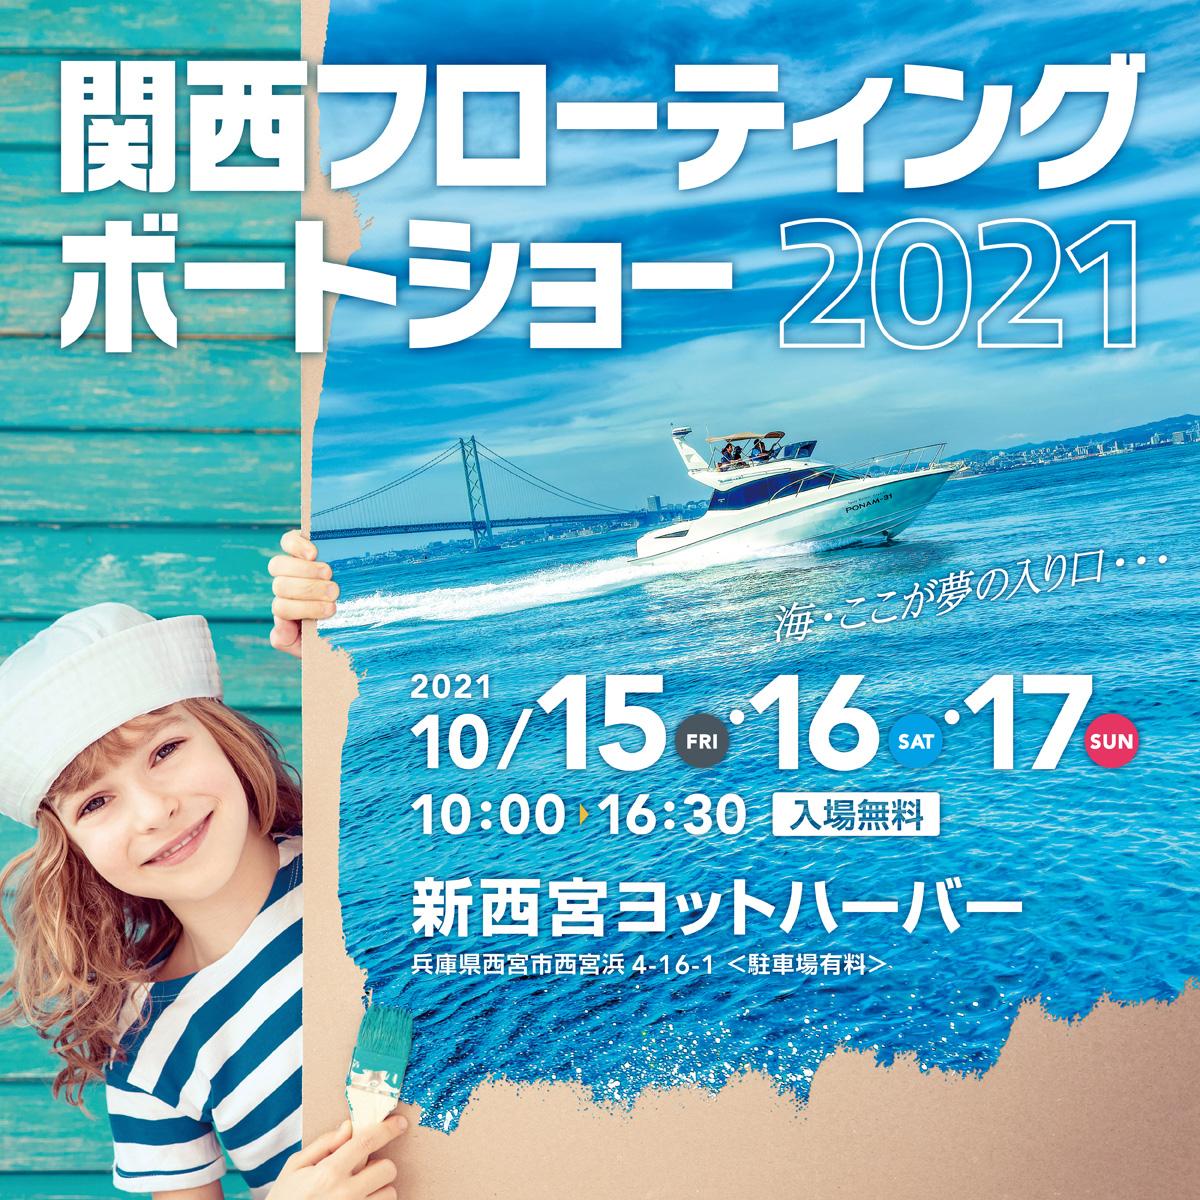 関西フローティングボートショー2021開催!